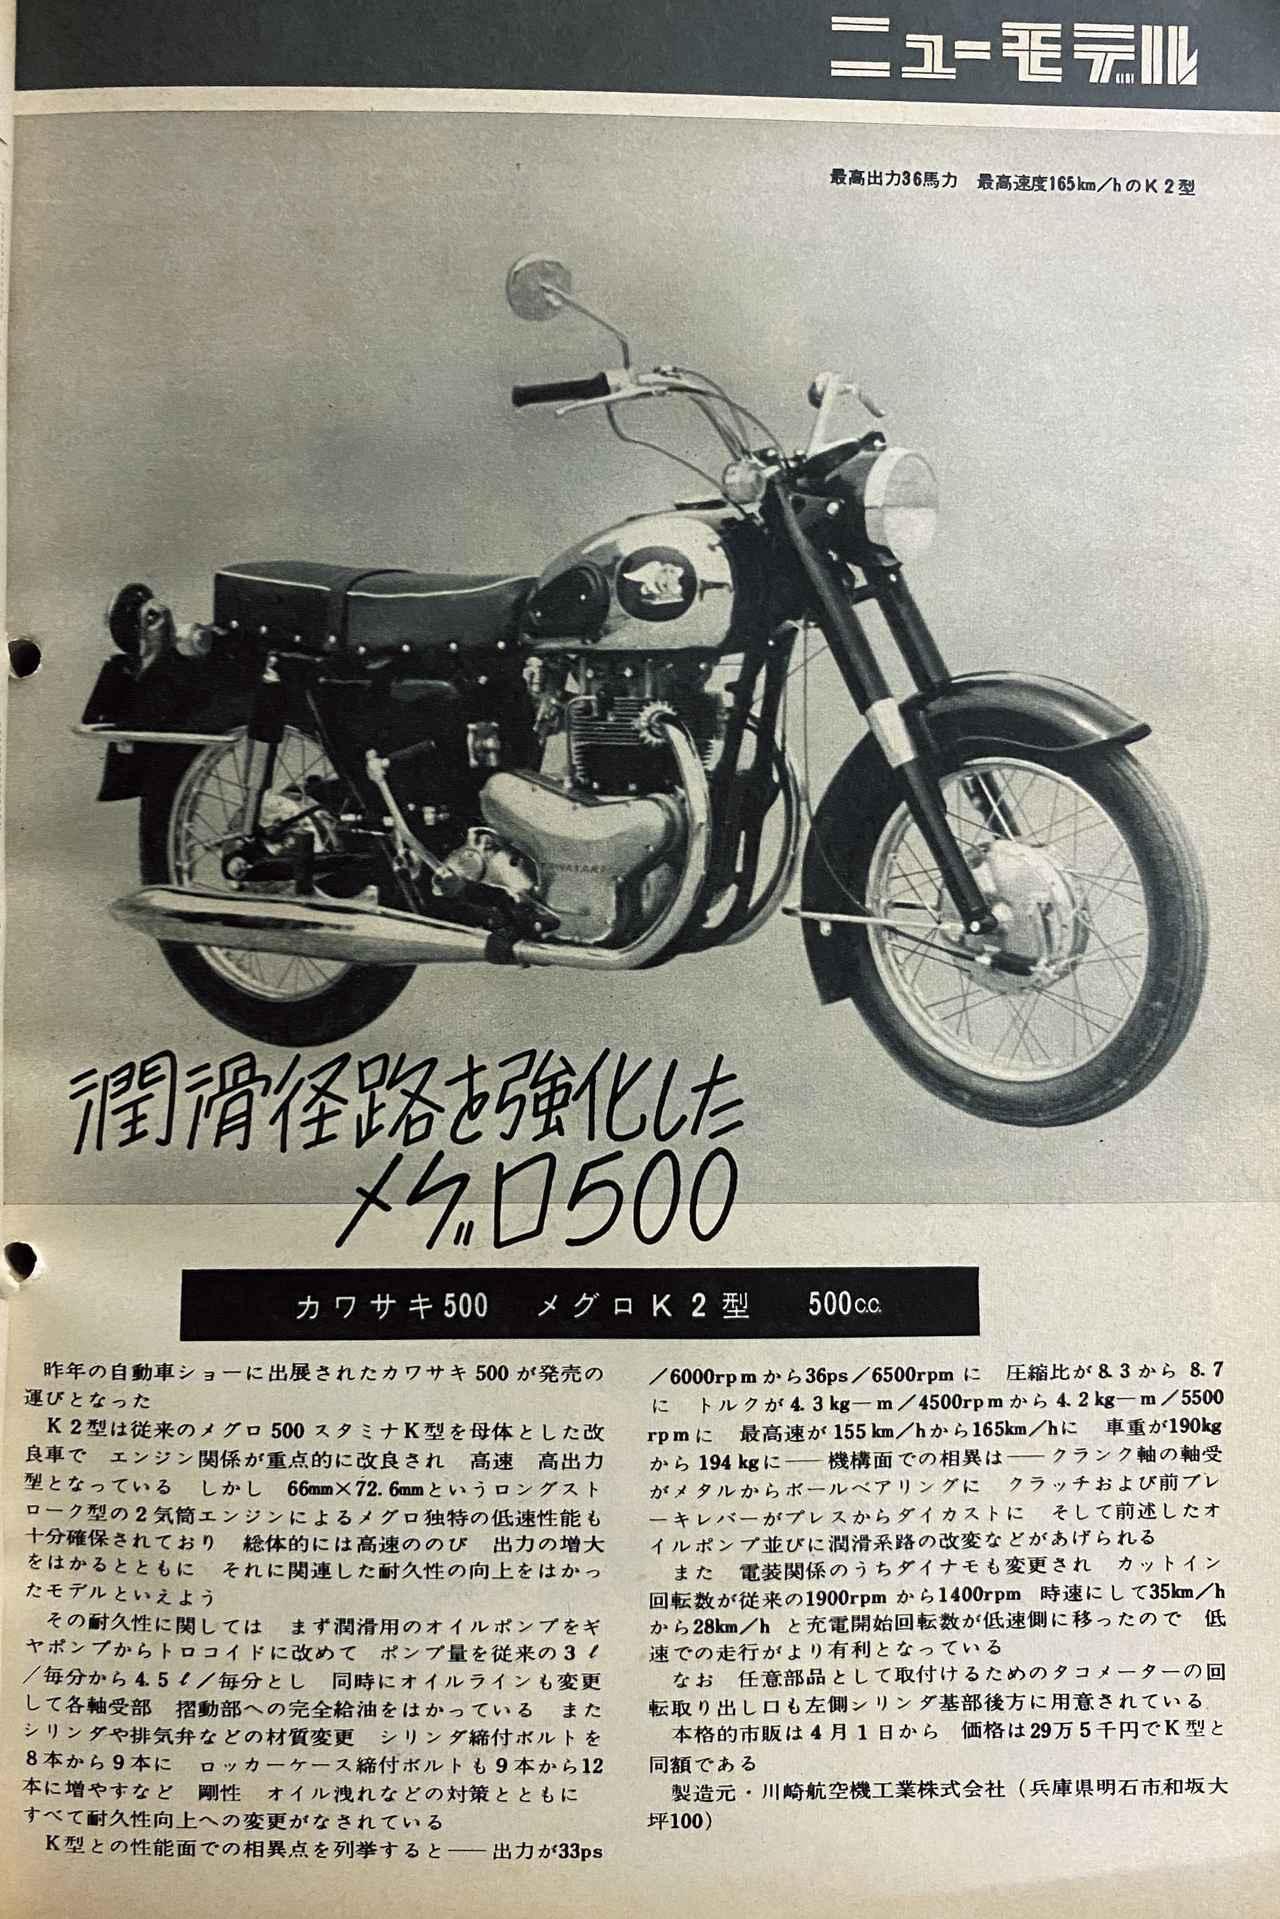 画像: 昭和40年の月刊『オートバイ』、「メグロ」の名前が残った最後の500、カワサキ500メグロK2型の紹介記事。昭和40年4月1日発売/29万5000円とある。